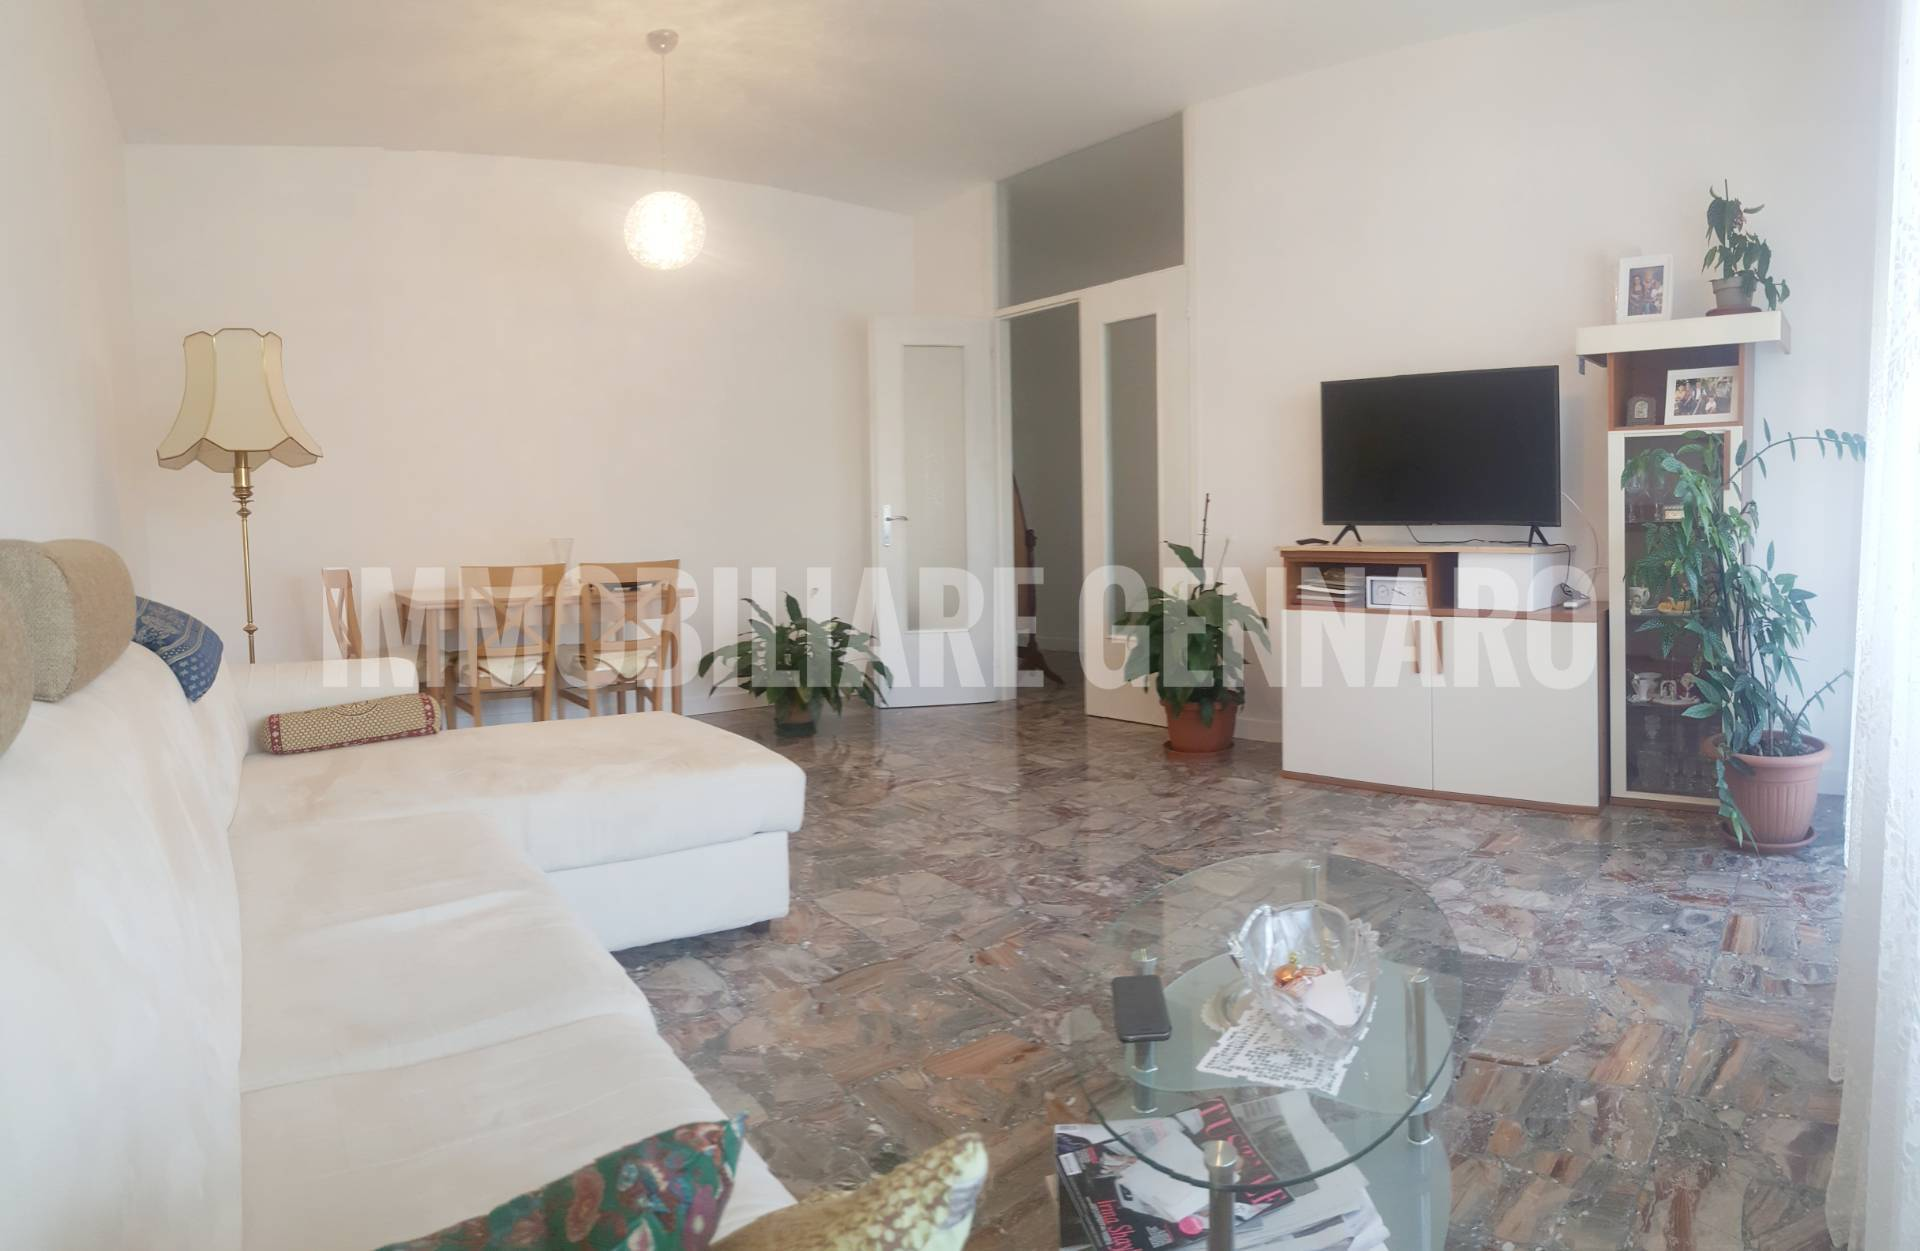 Appartamento in vendita a Udine, 4 locali, zona Località: UdineSud, prezzo € 180.000 | PortaleAgenzieImmobiliari.it